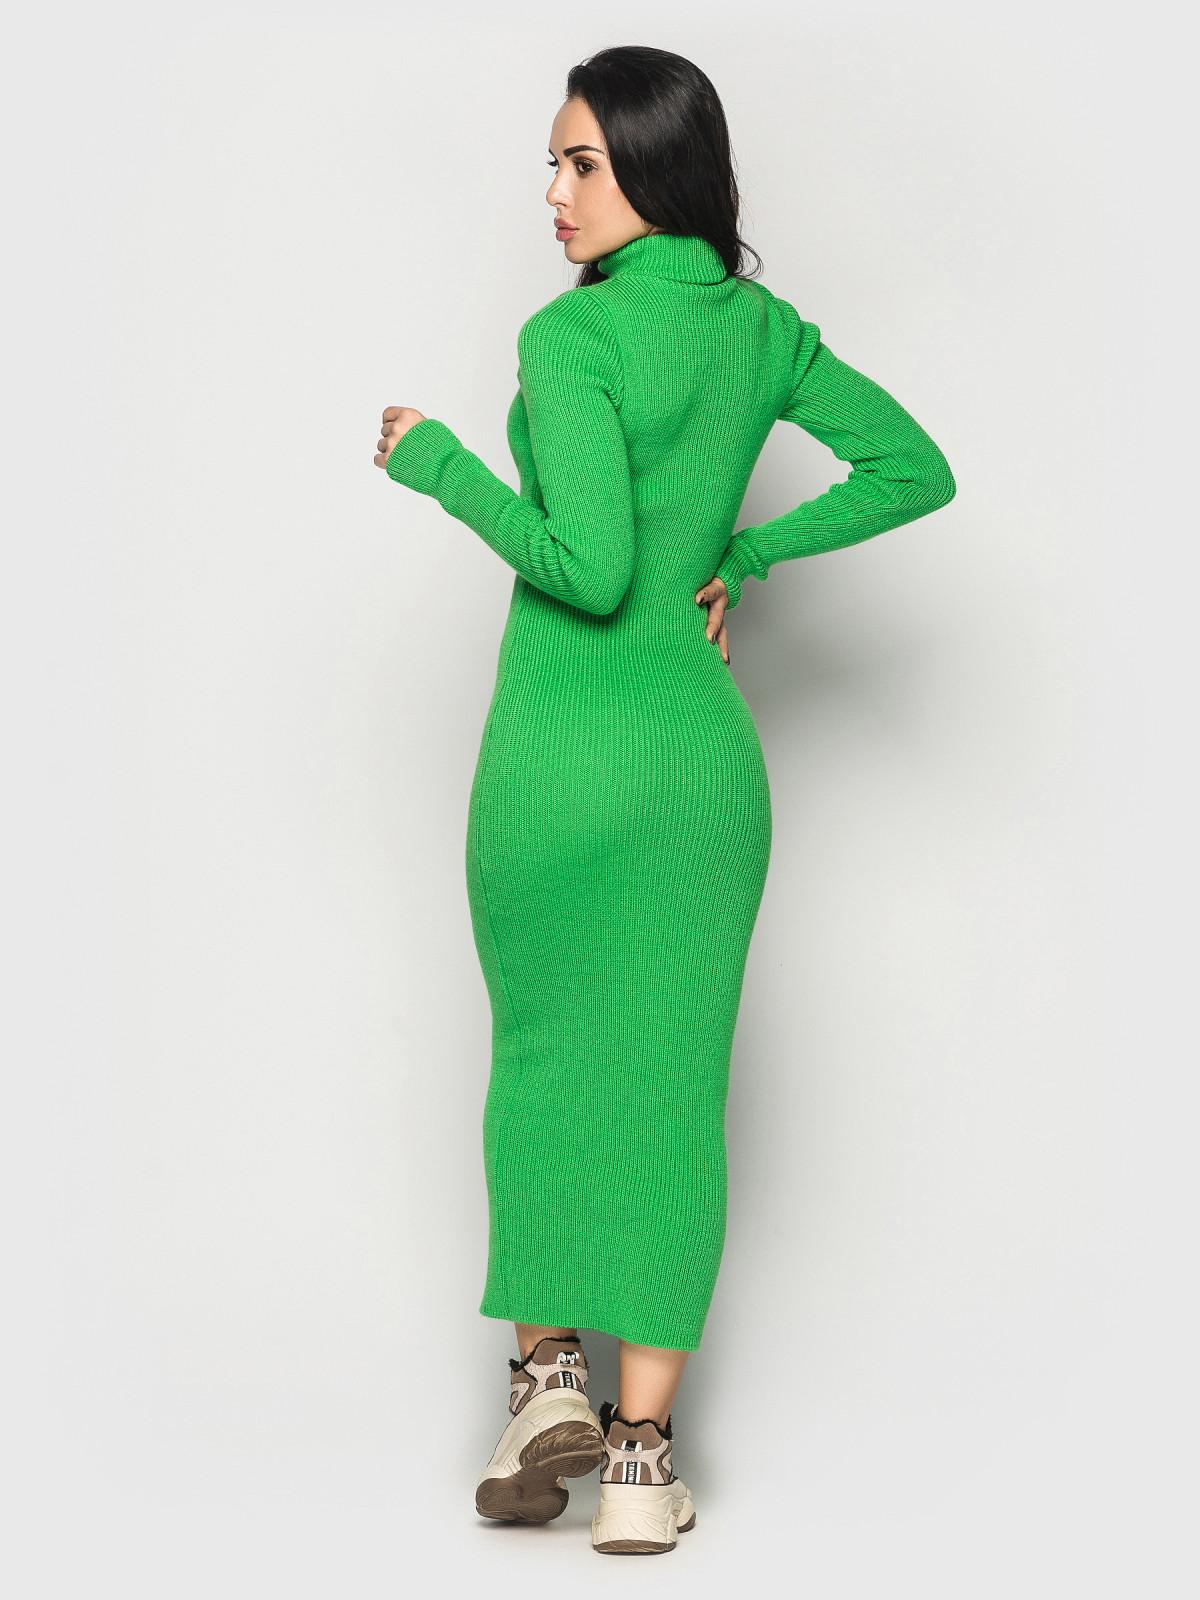 Платье вязаное Simona зеленый неон